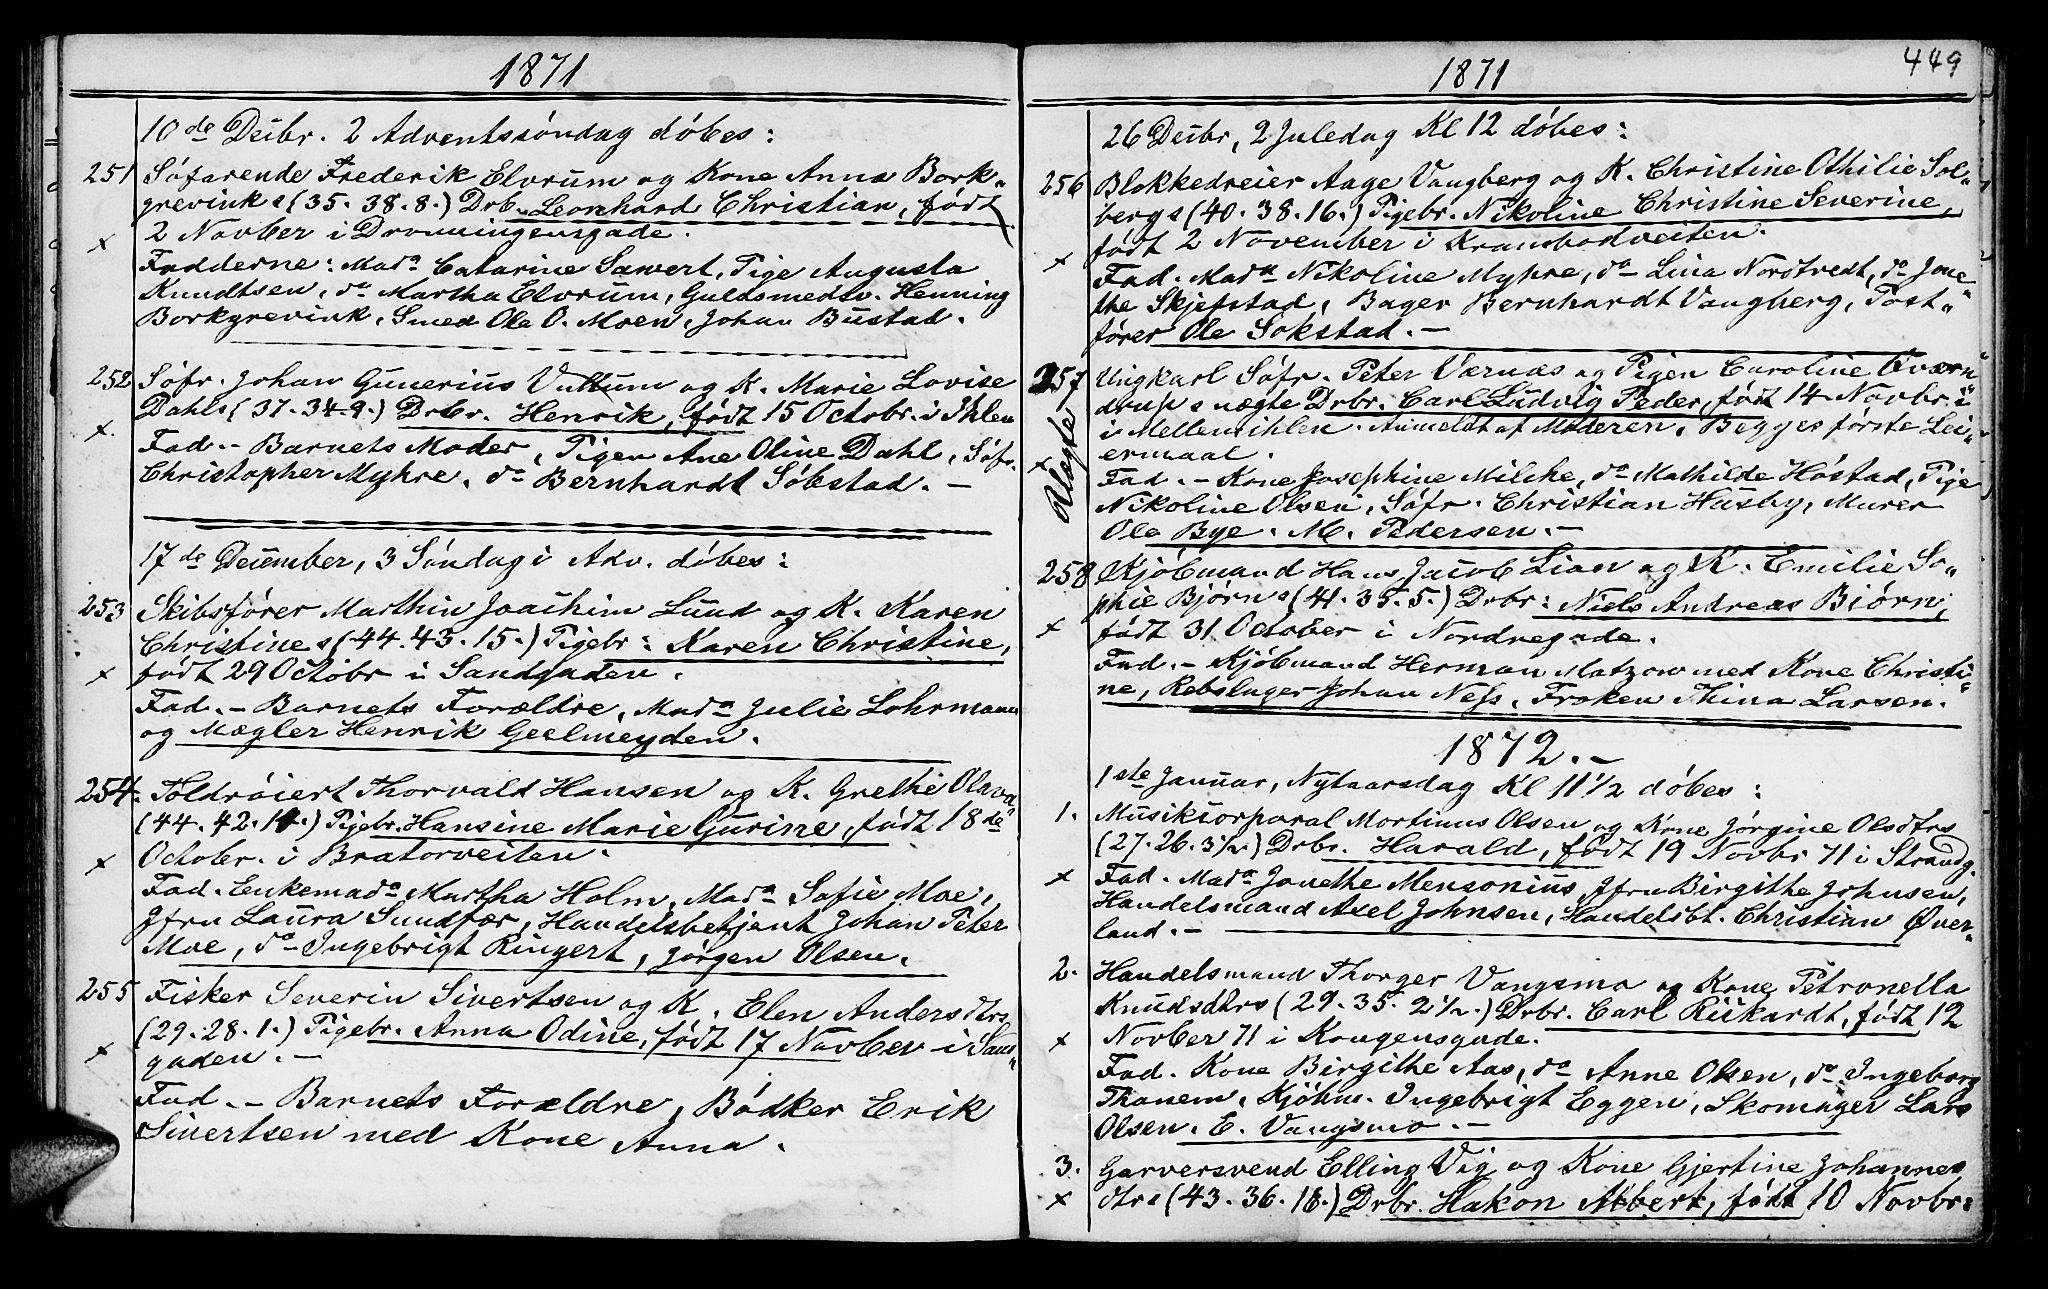 SAT, Ministerialprotokoller, klokkerbøker og fødselsregistre - Sør-Trøndelag, 602/L0140: Klokkerbok nr. 602C08, 1864-1872, s. 448-449